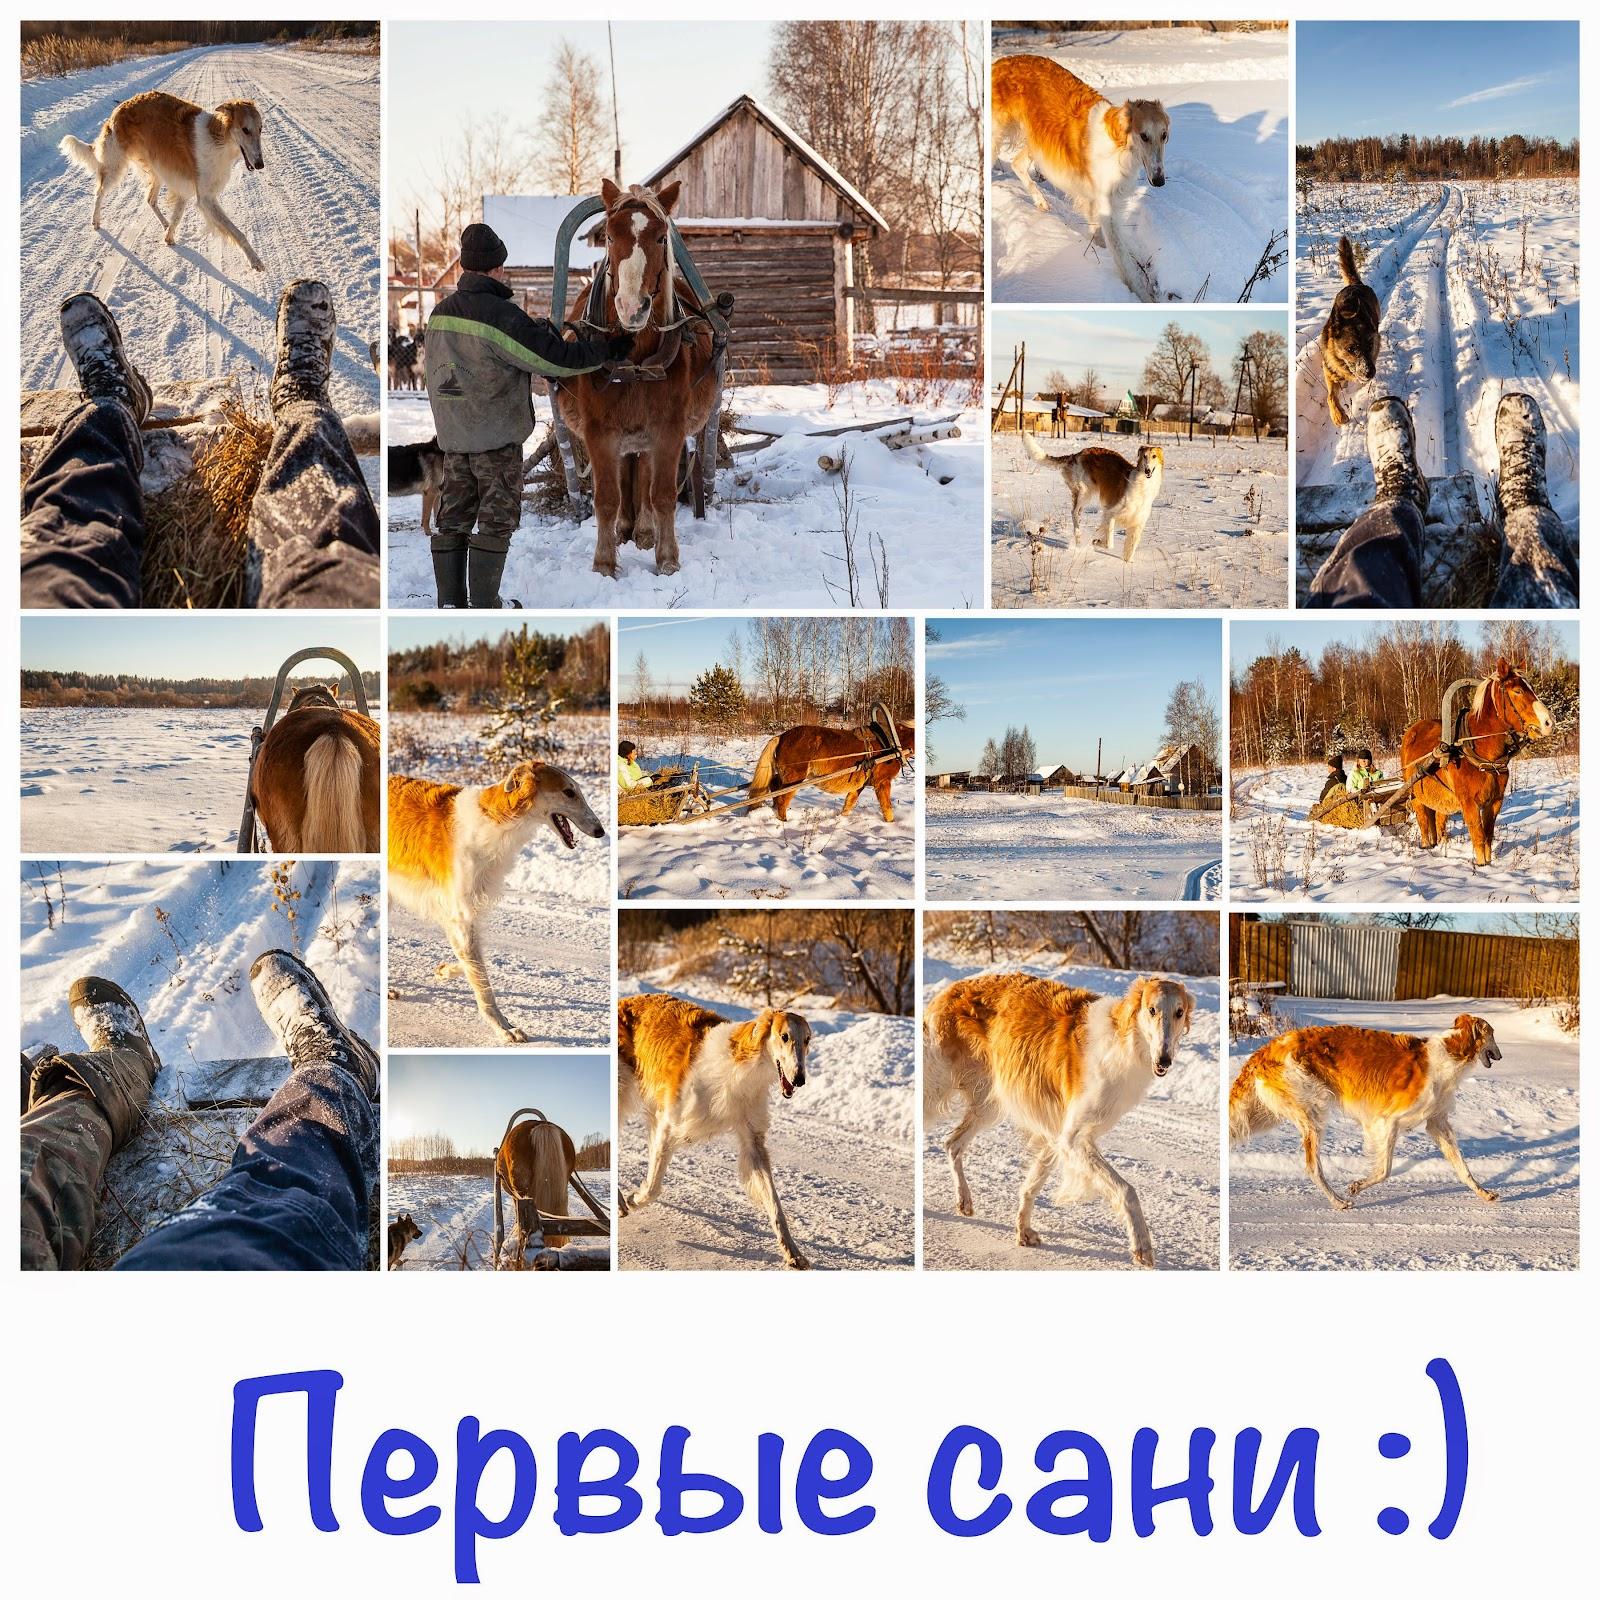 Конные прогулки и катания на санях в Твери и Тверской области.